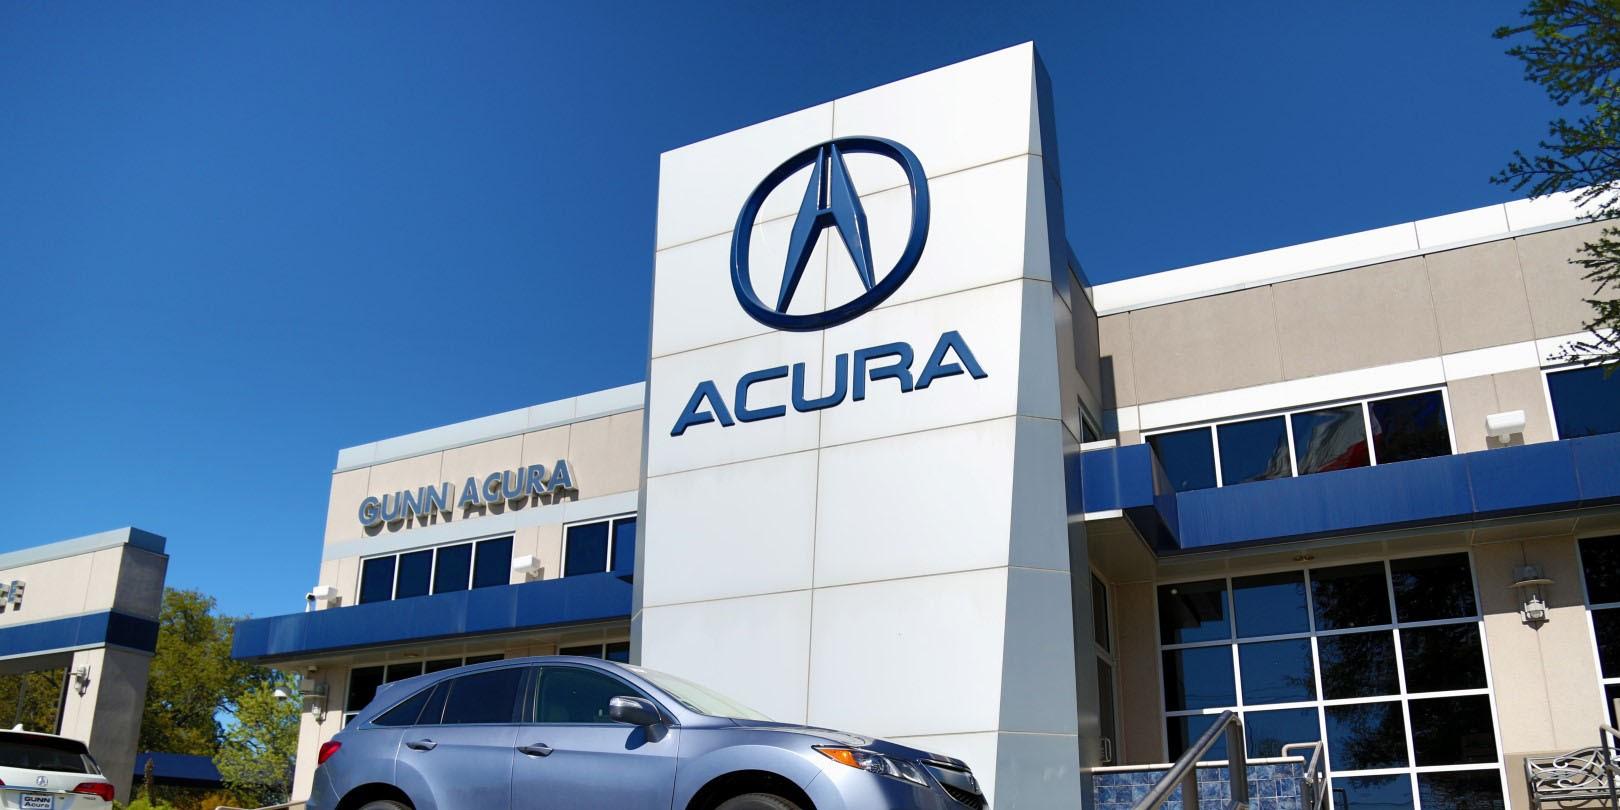 Gunn Acura Linkedin